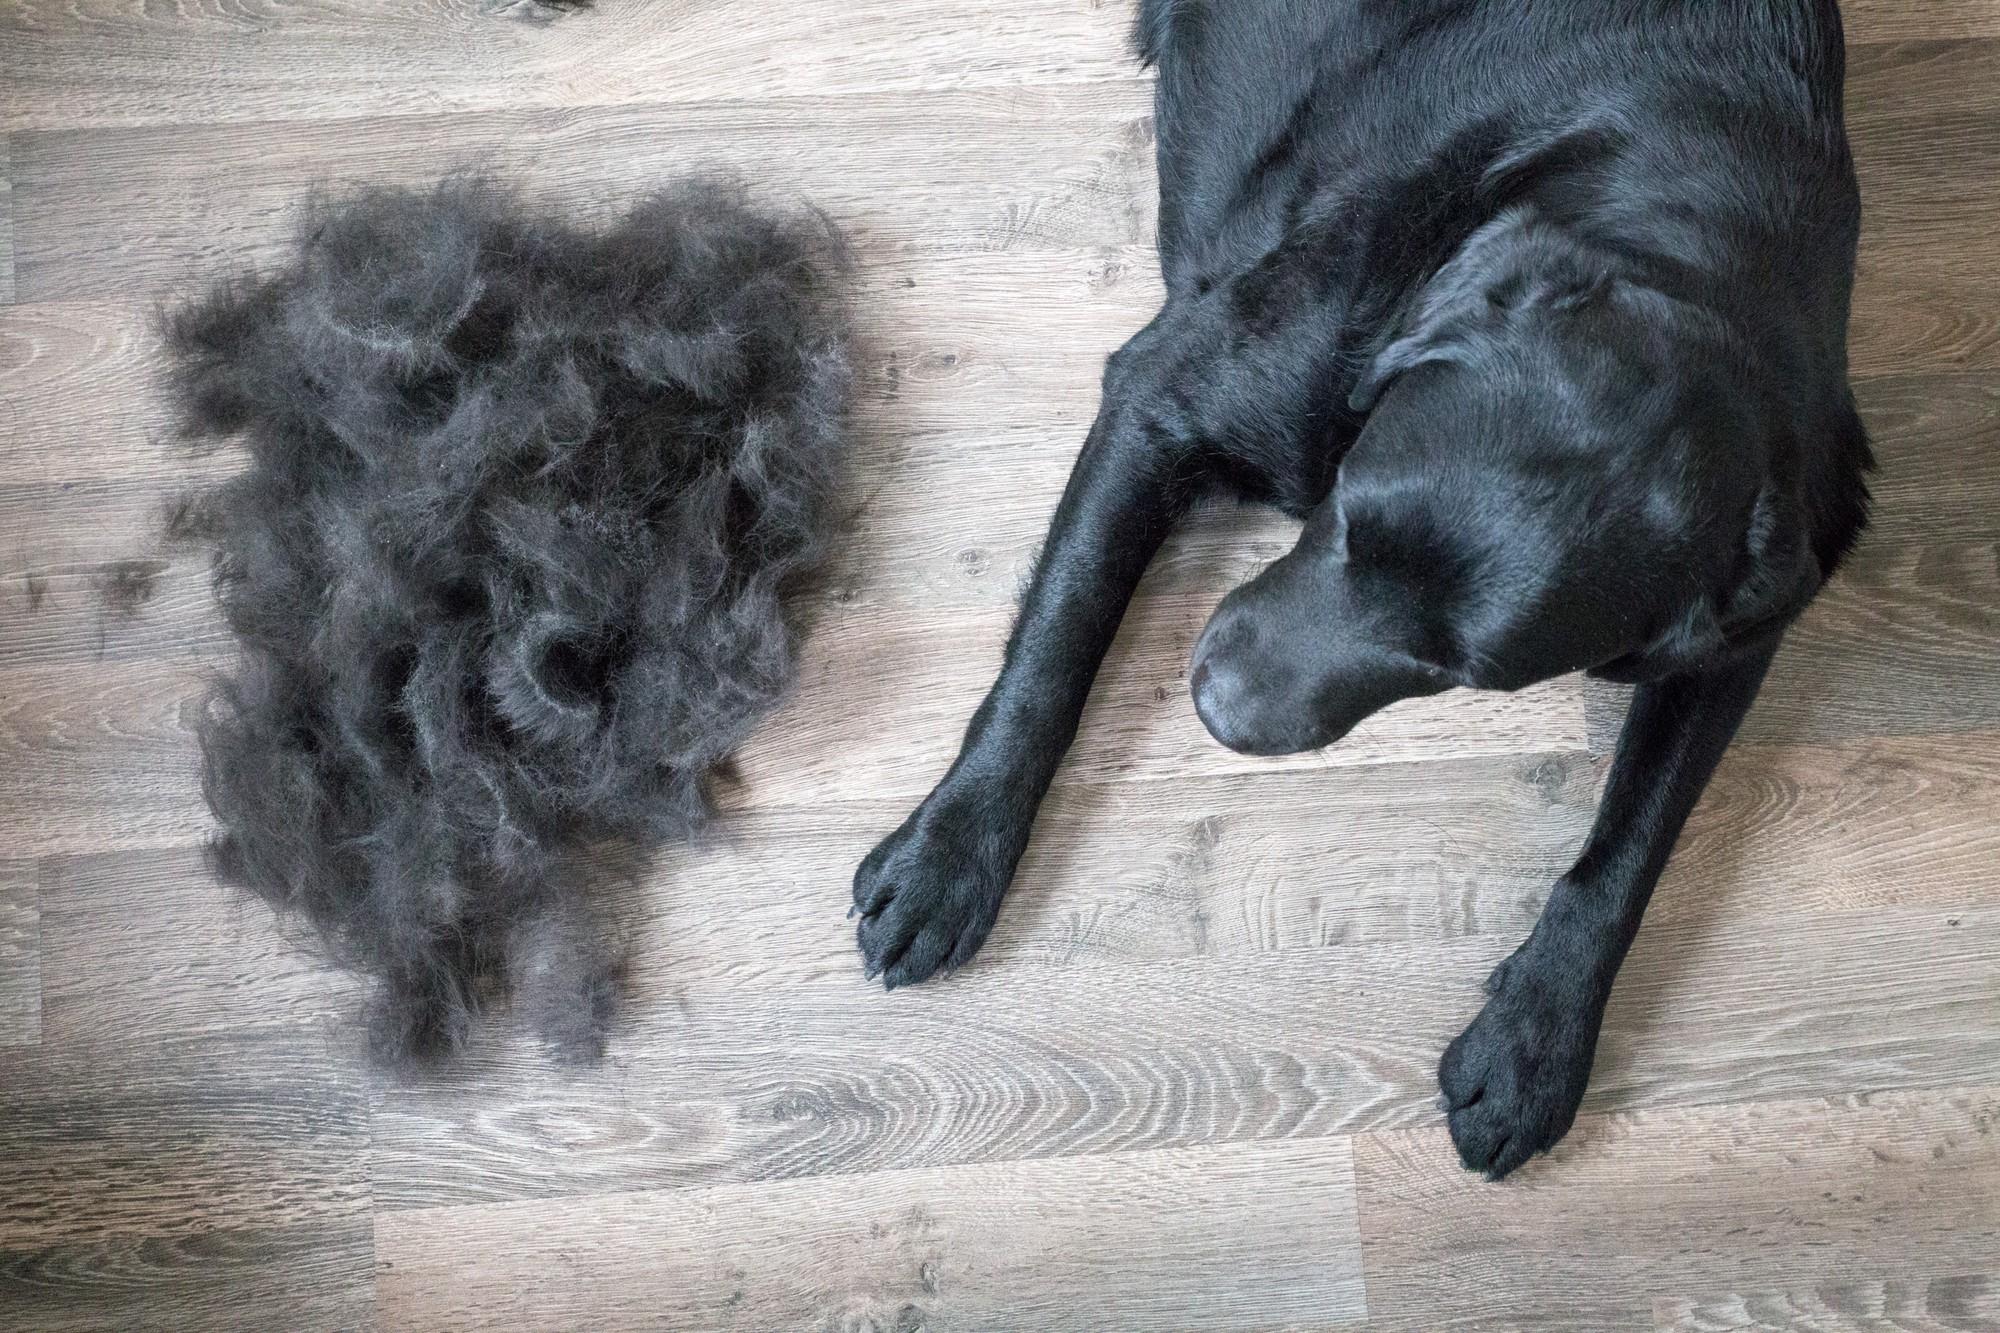 Gợi ý cho các con sen 9 dụng cụ loại bỏ lông thú cưng trong nhà, giúp không  gian sống luôn sạch sẽ